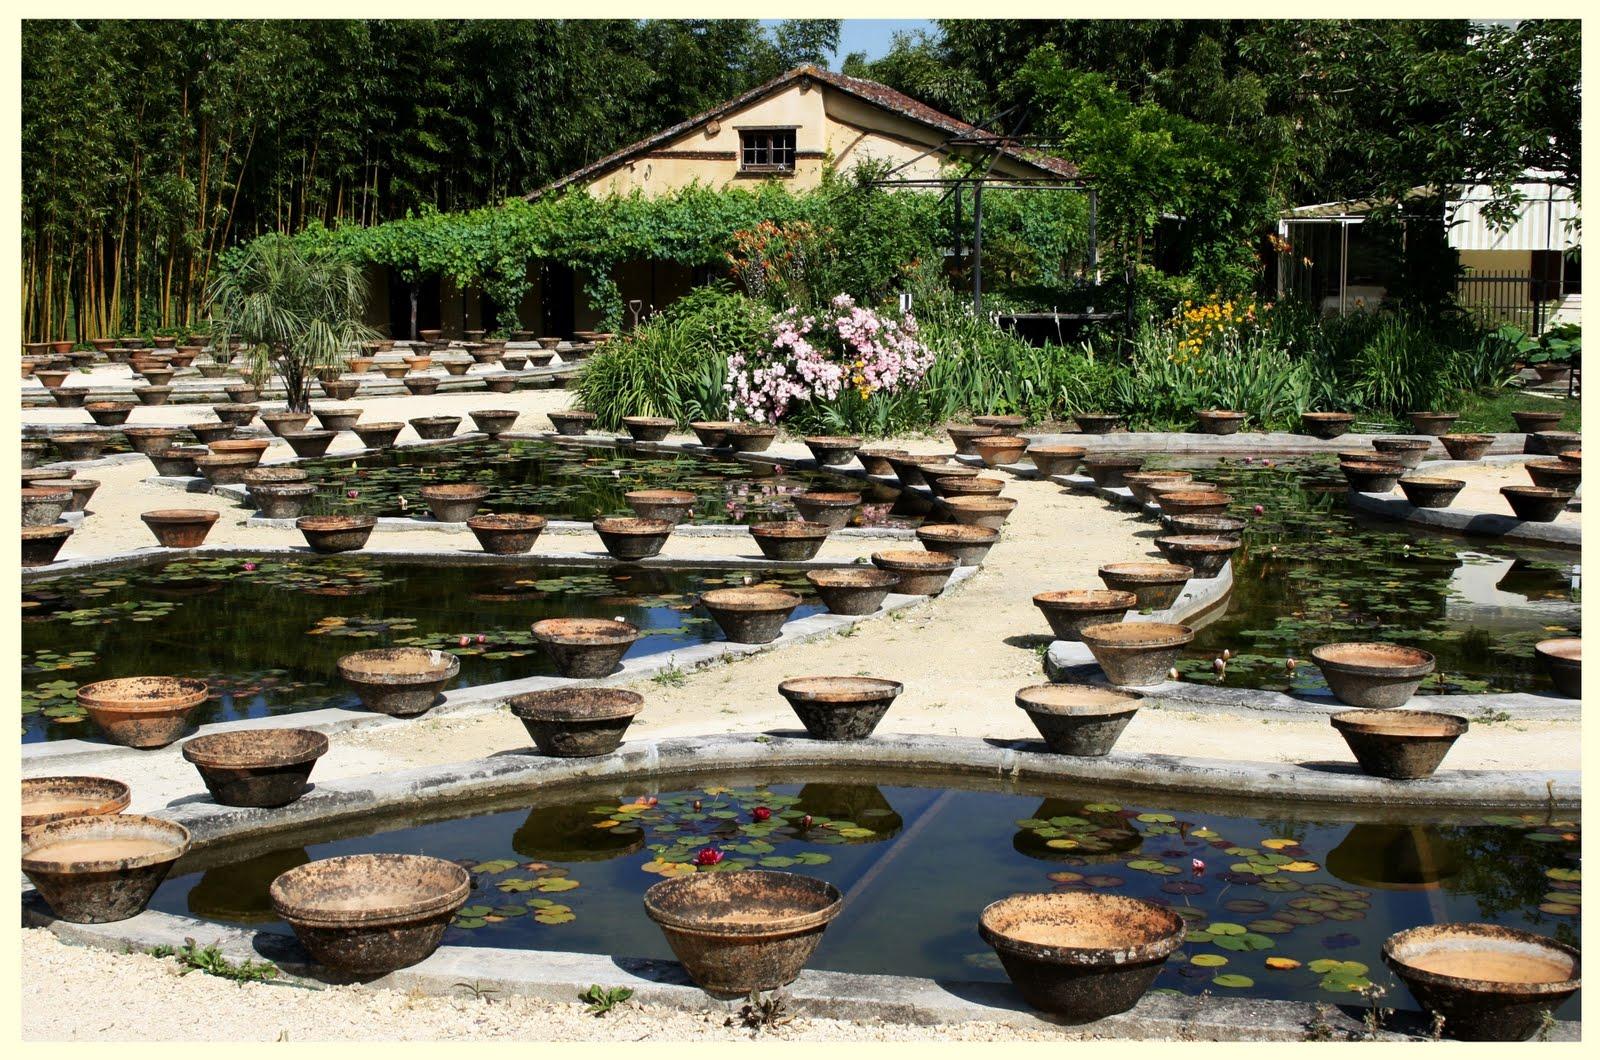 El jard n de margarita otros jardines viveros latour for Viveros y jardines